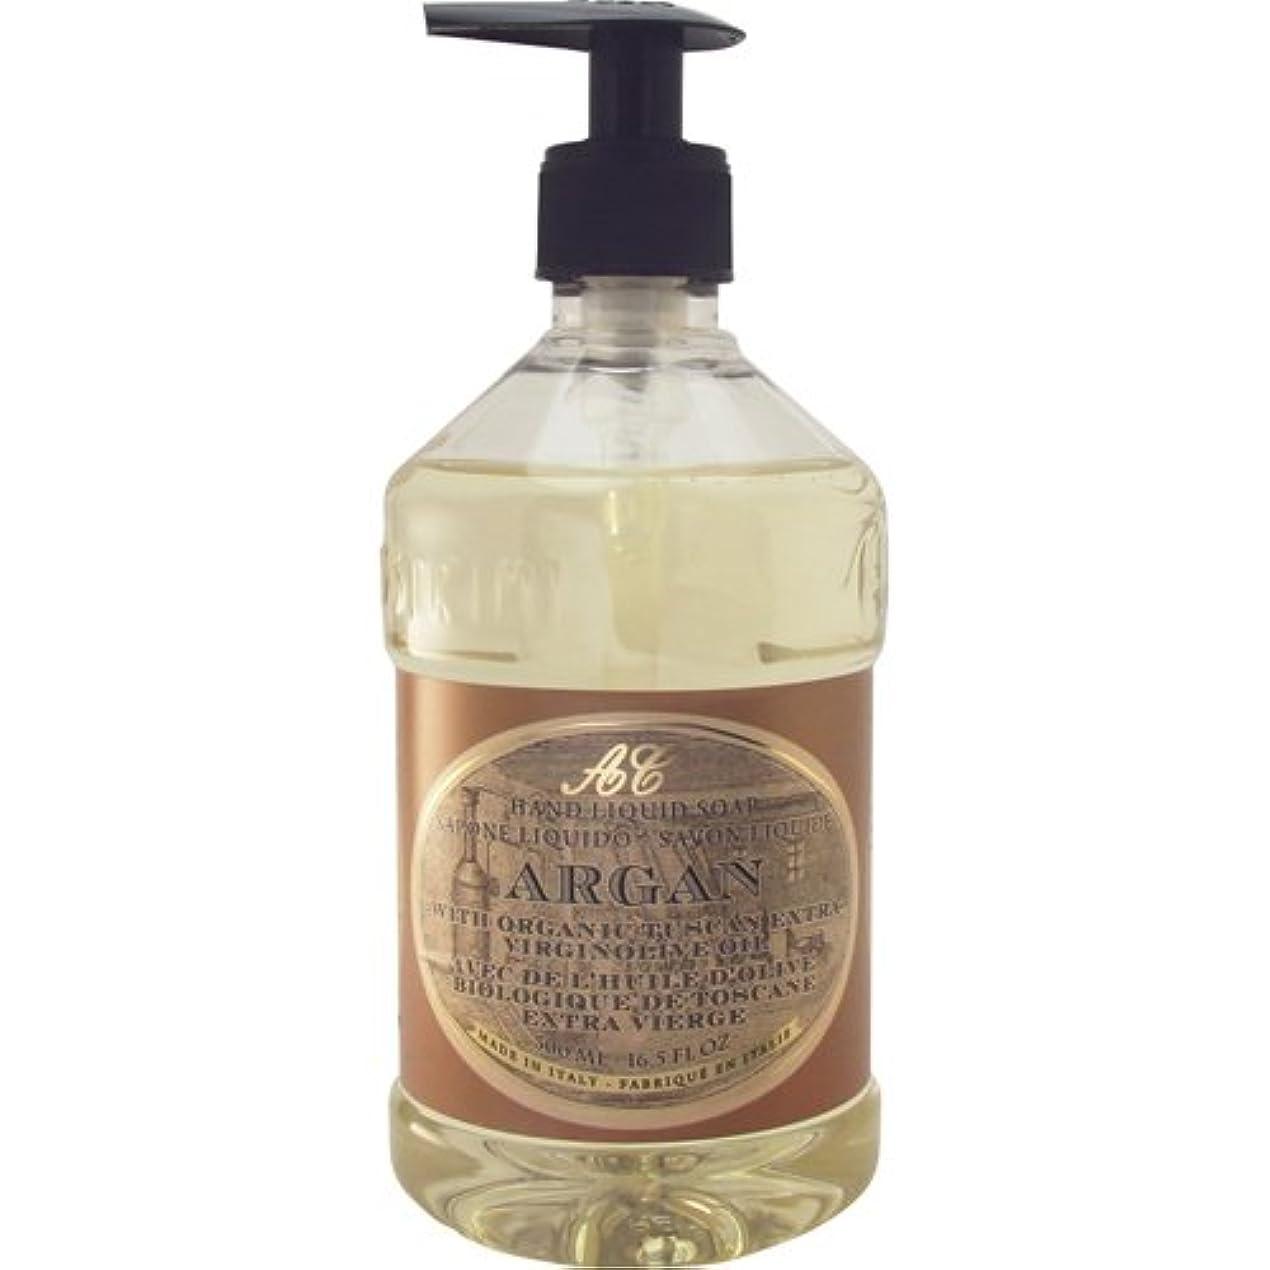 枯れるホステル調和Saponerire Fissi レトロシリーズ Liquid Soap リキッドソープ 500ml Argan アルガンオイル